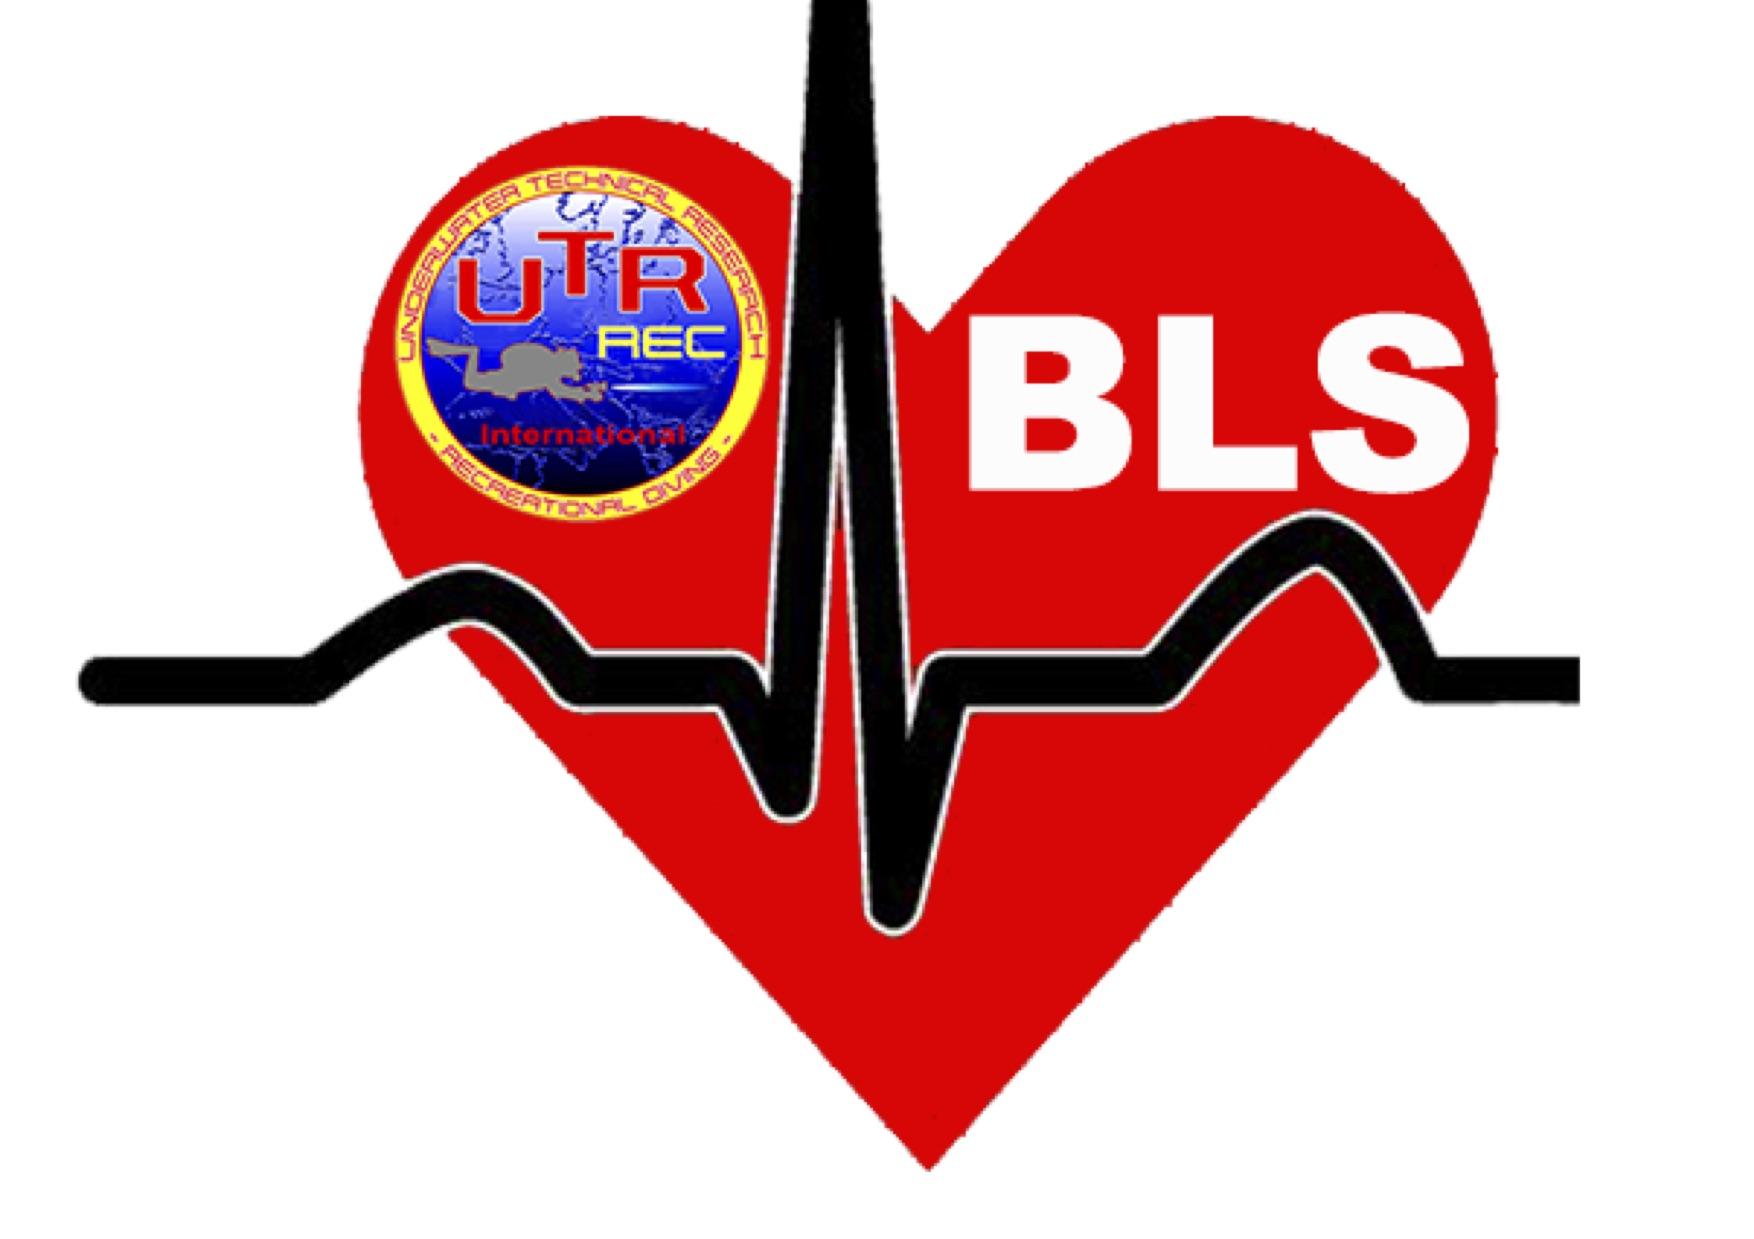 BLS-D & OXYGEN PROVIDER